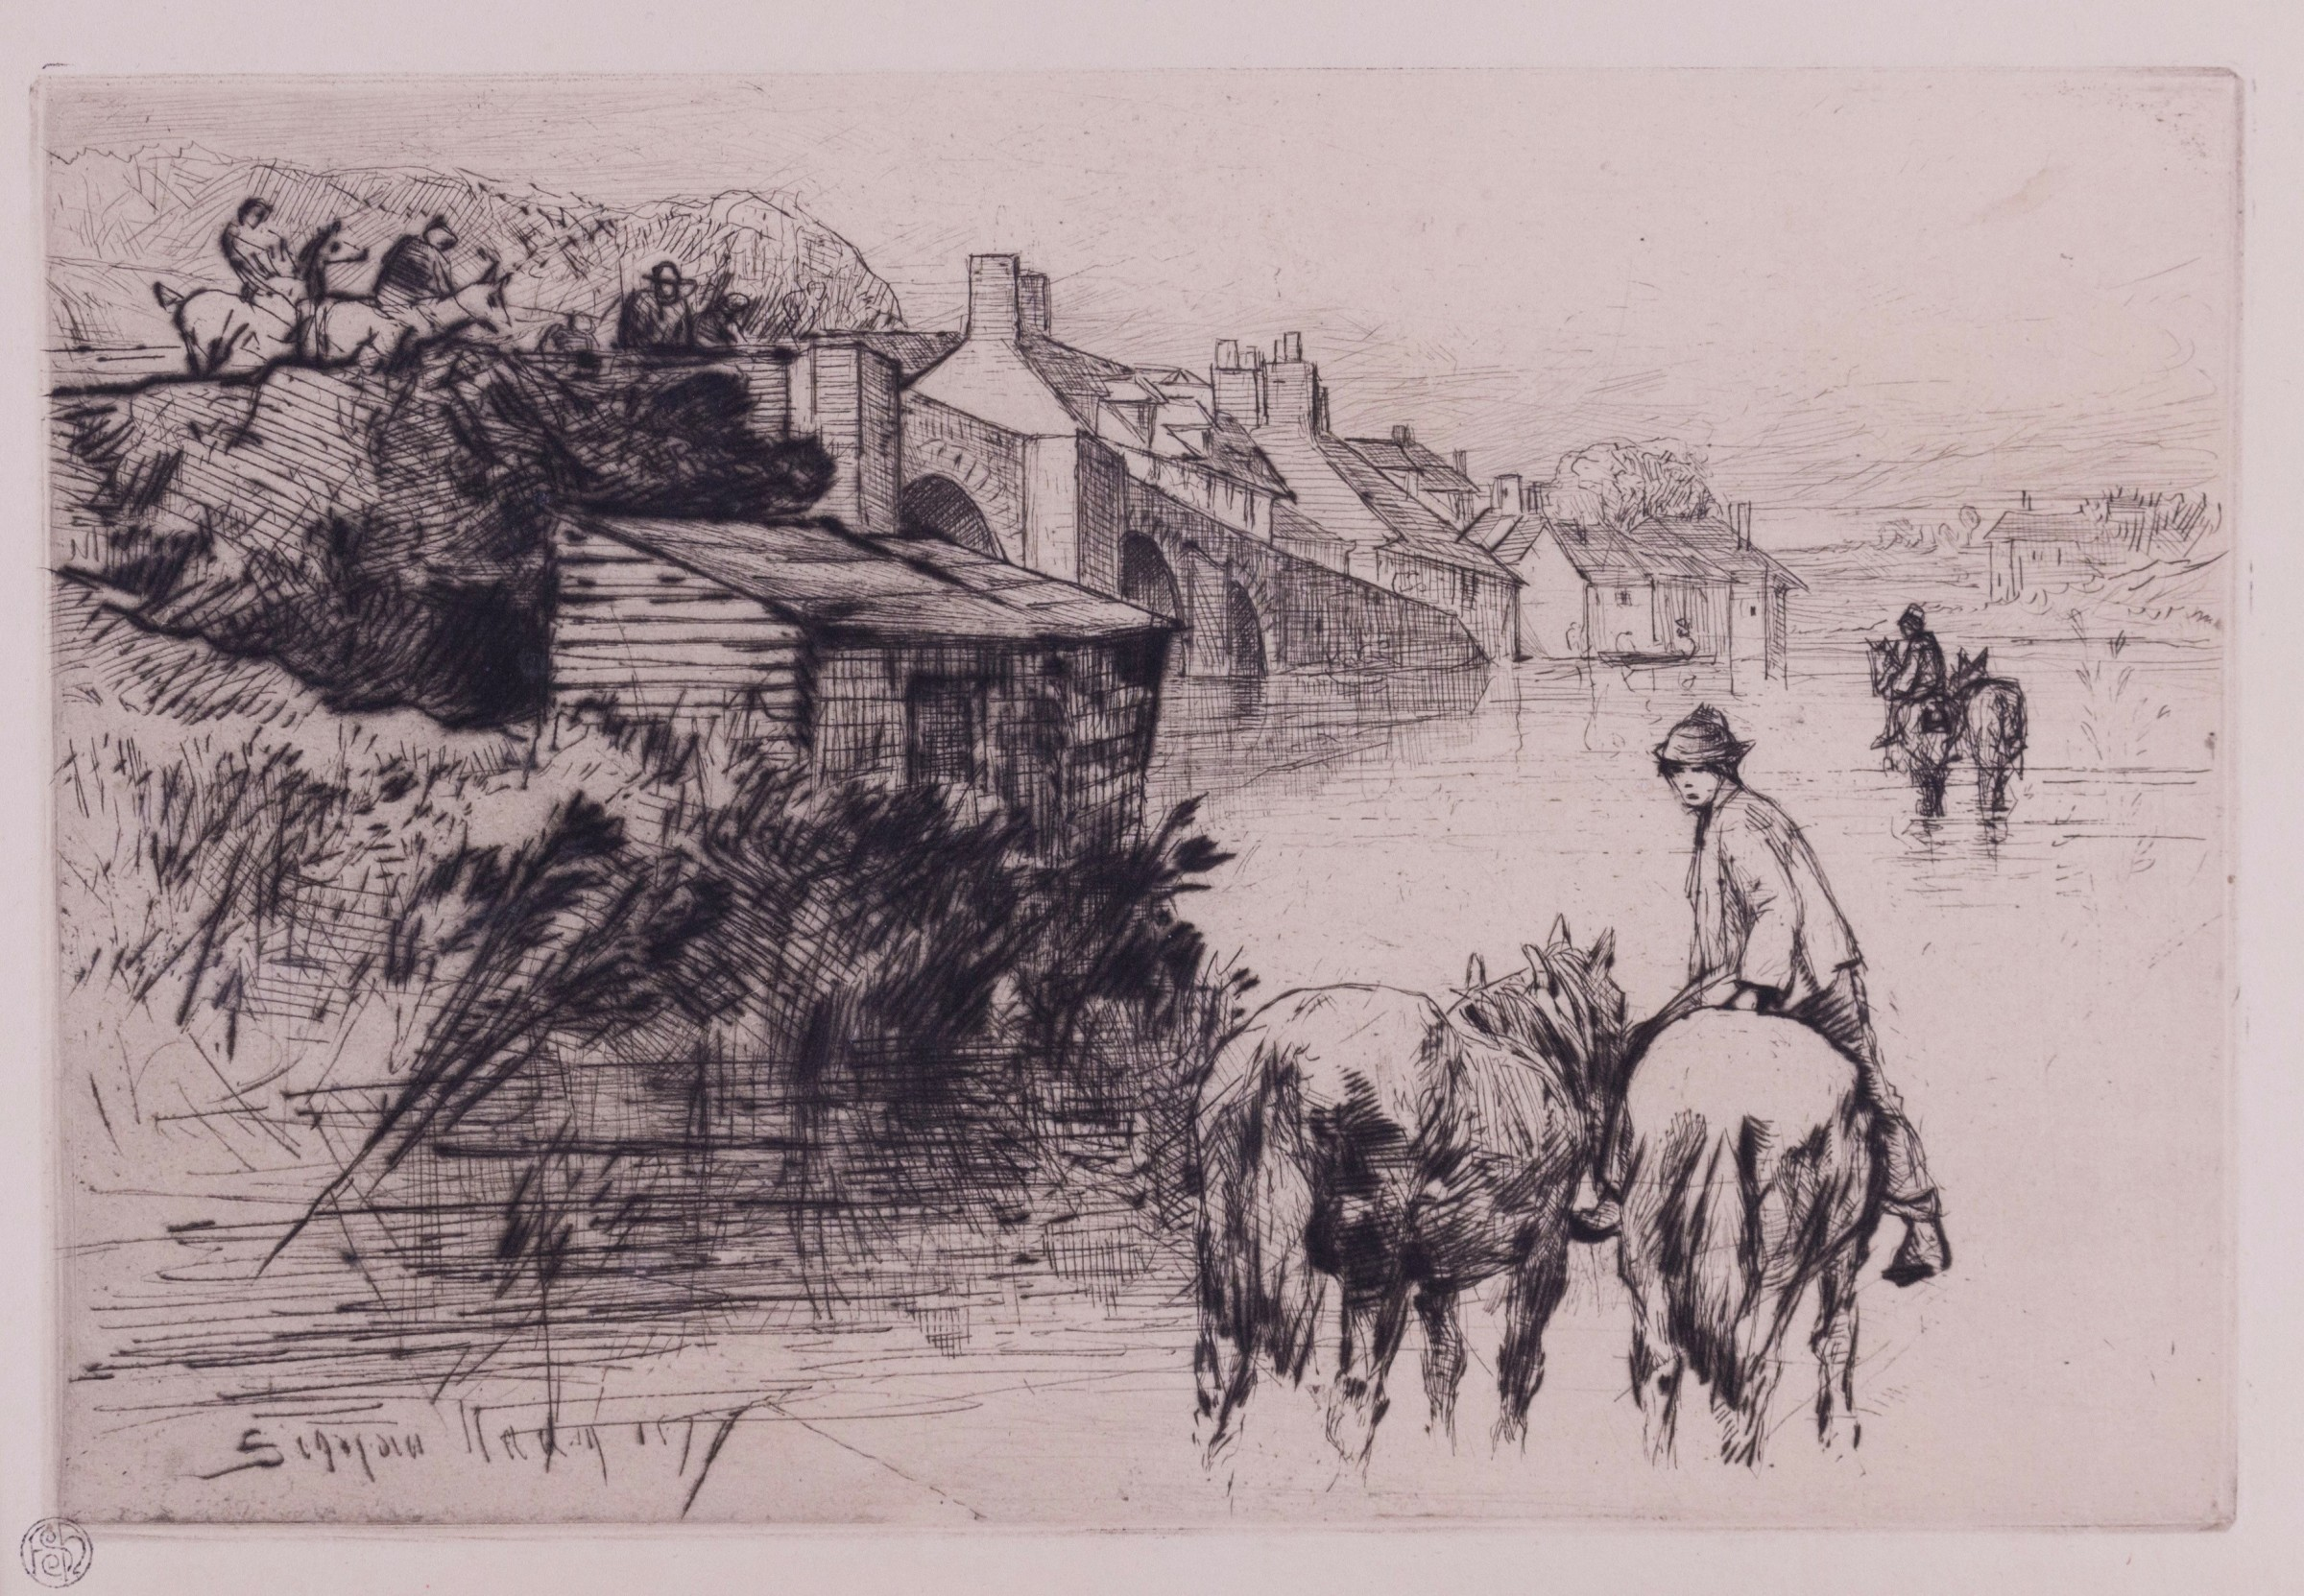 """<span class=""""link fancybox-details-link""""><a href=""""/exhibitions/11/works/image_standalone98/"""">View Detail Page</a></span><p>SIR FRANCIS SEYMOUR HADEN (1818 - 1910)</p><p><em></em></p><p><em>Wareham Bridge, 1877</em></p><p>etching</p>"""